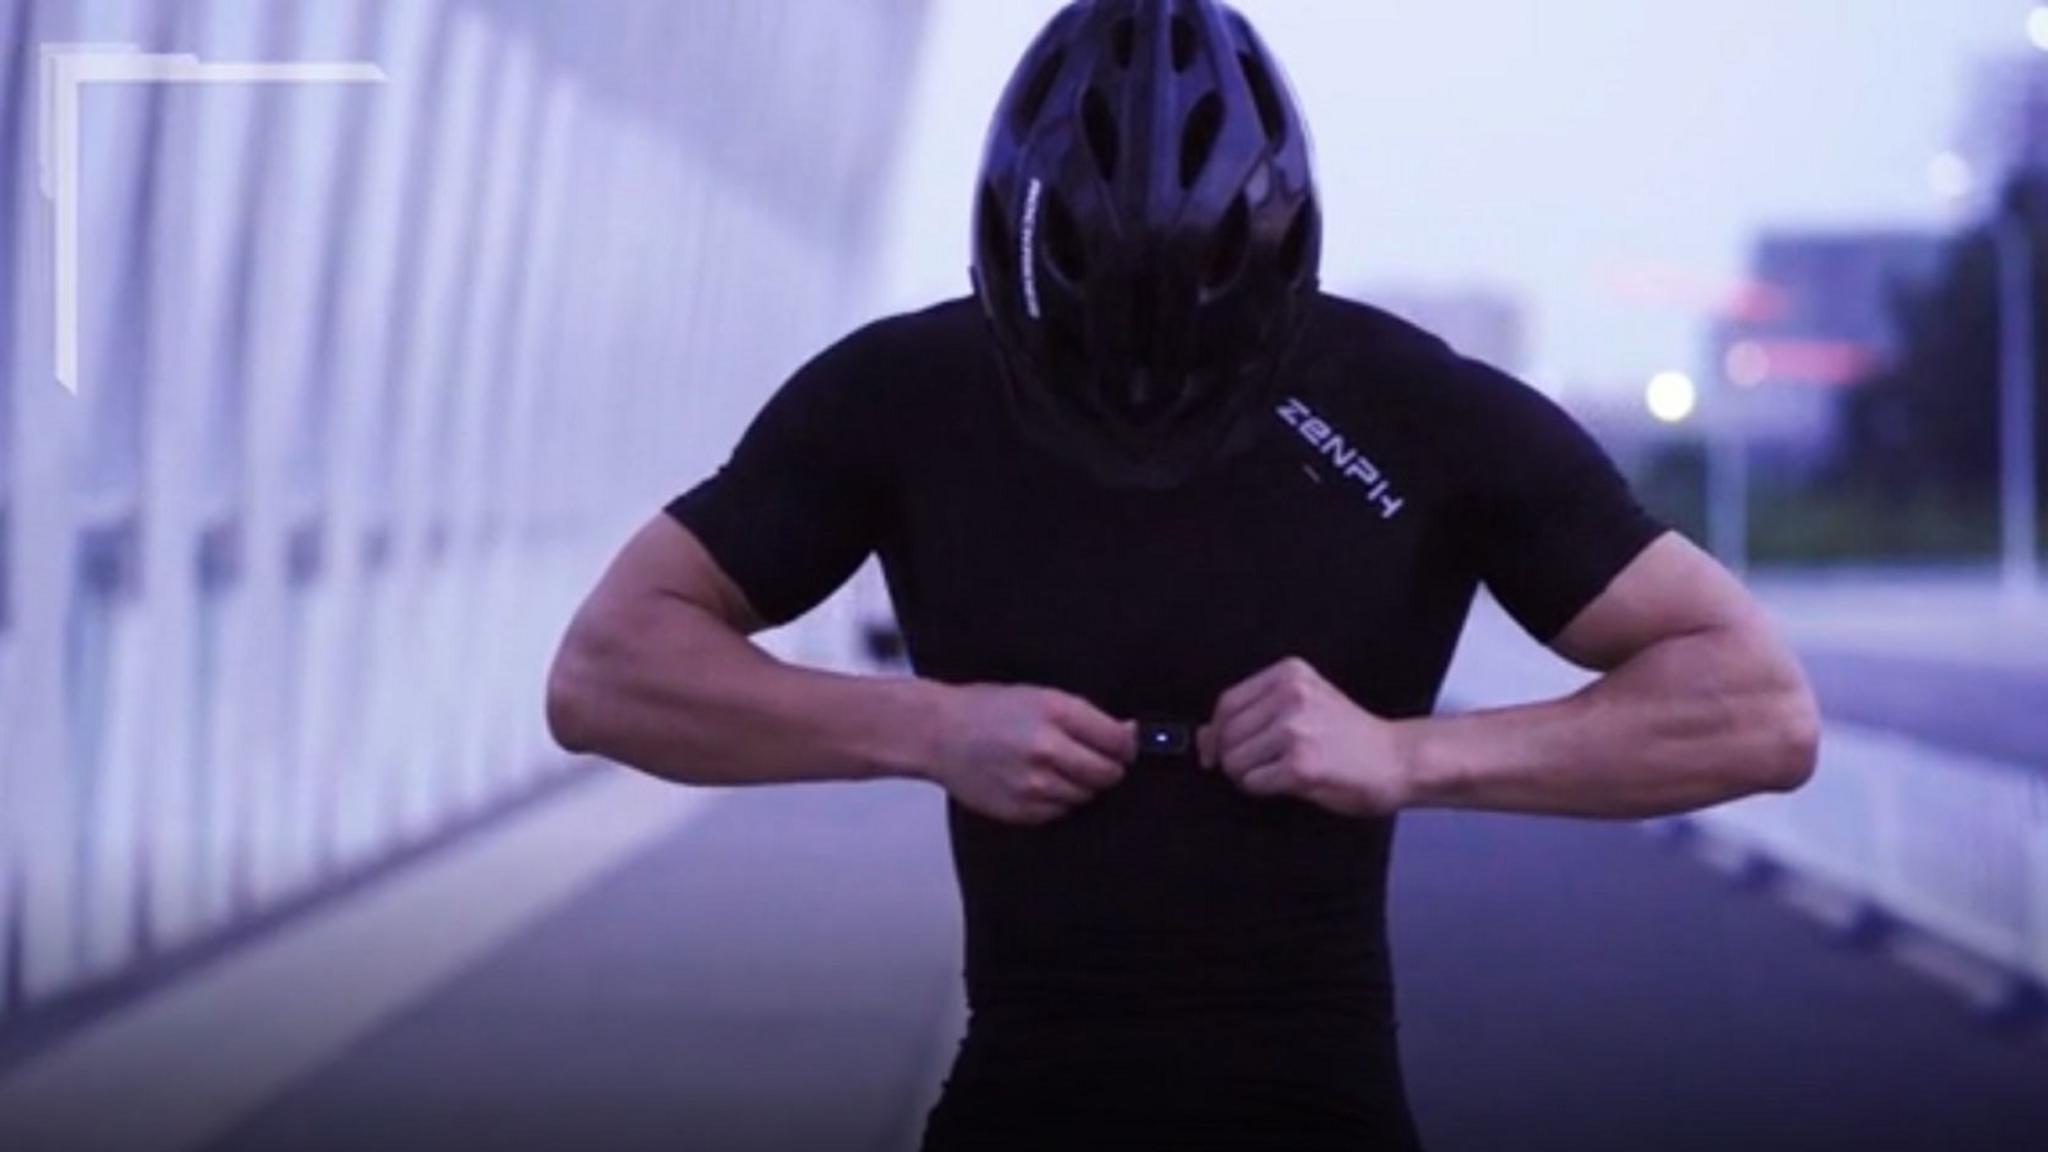 Der Sensor im Brustbereich des Shirts sendet Daten via Bluetooth an das Smartphone.